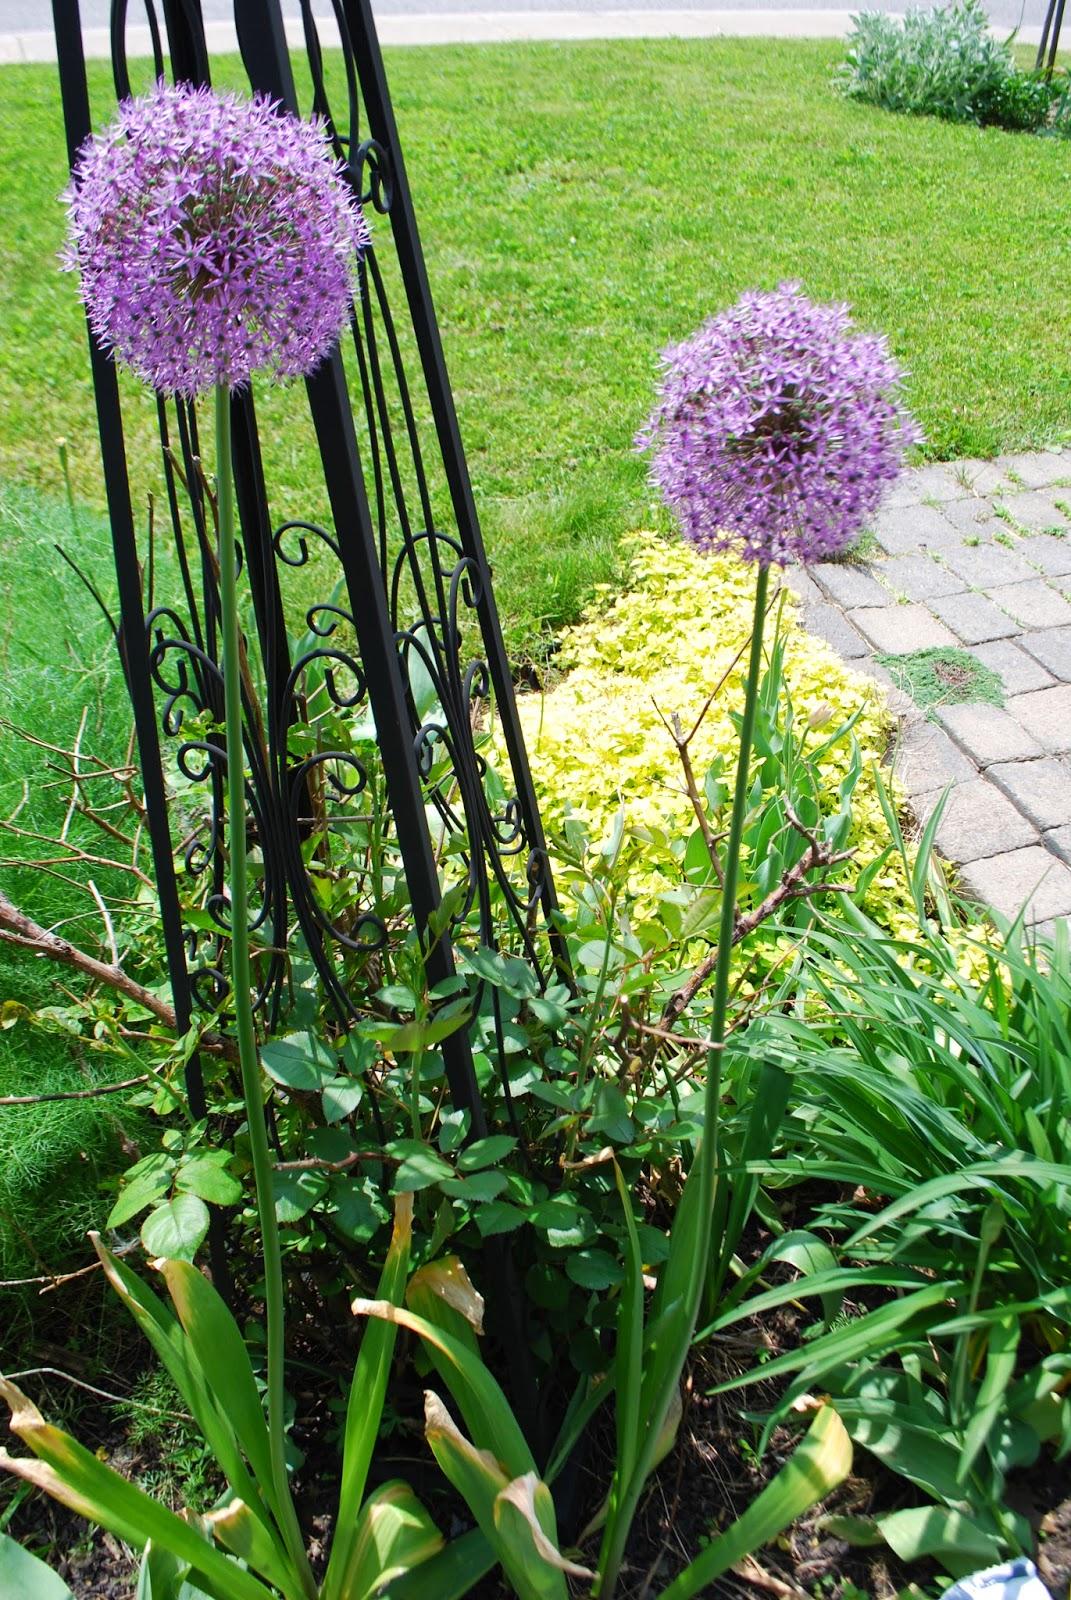 3 jardins au qu bec qui a peur de planter des bulbes dans son jardin - Quand planter bulbes tulipes ...